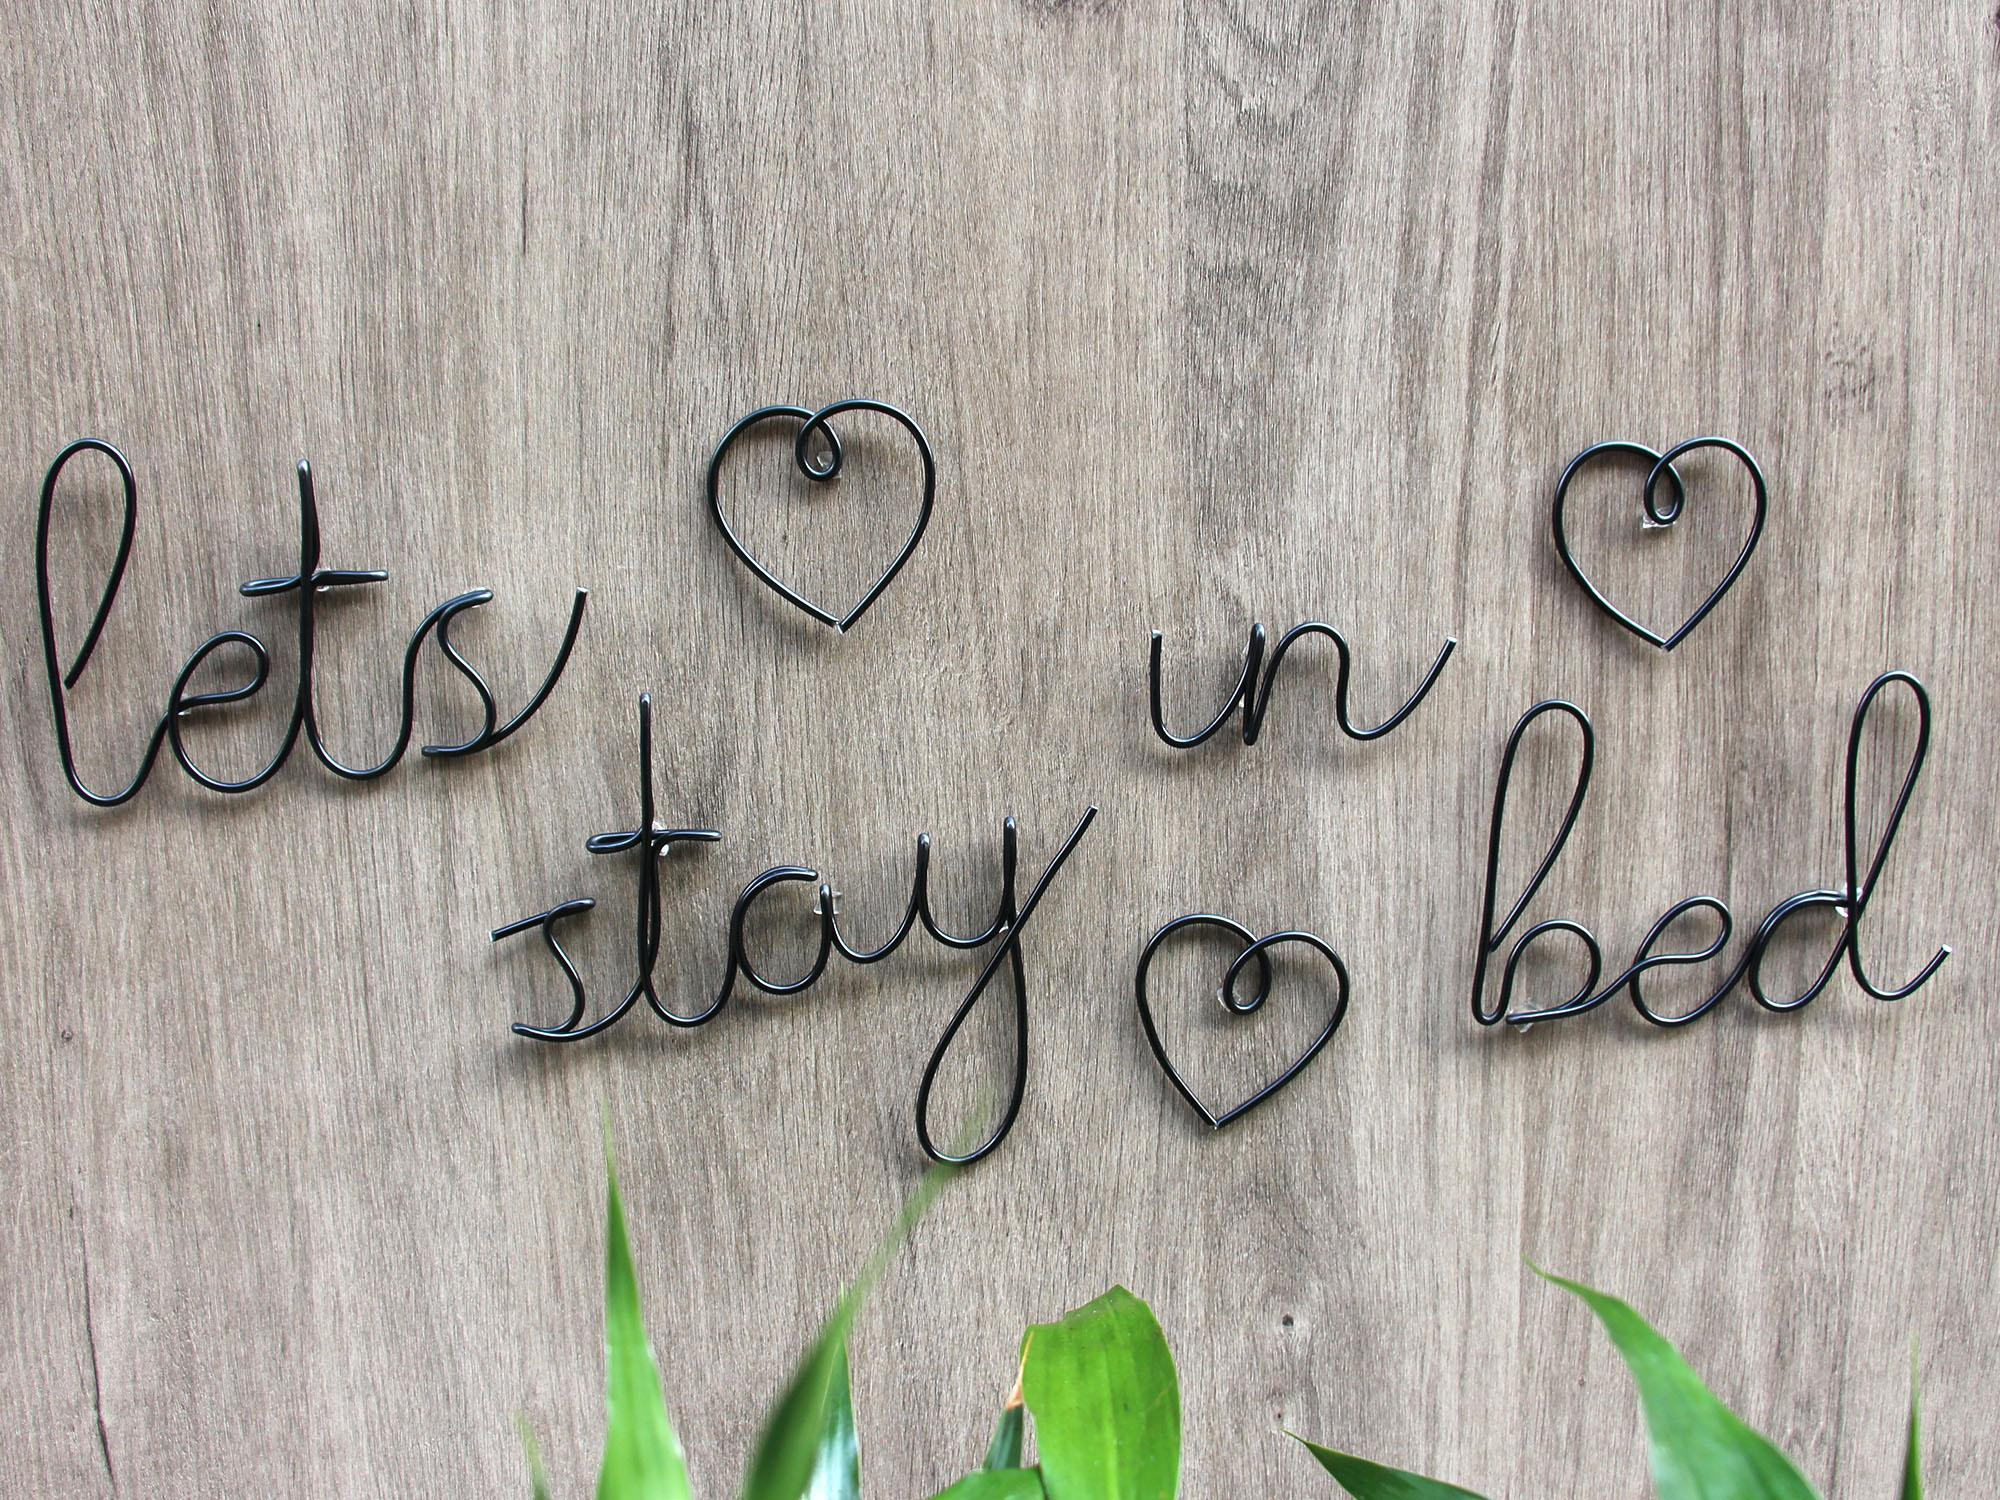 اسمحوا البقاء في سلك الأسلاك النصية الخط مخصص سلك جدار الفن الكلمات الديكورات اليدوية